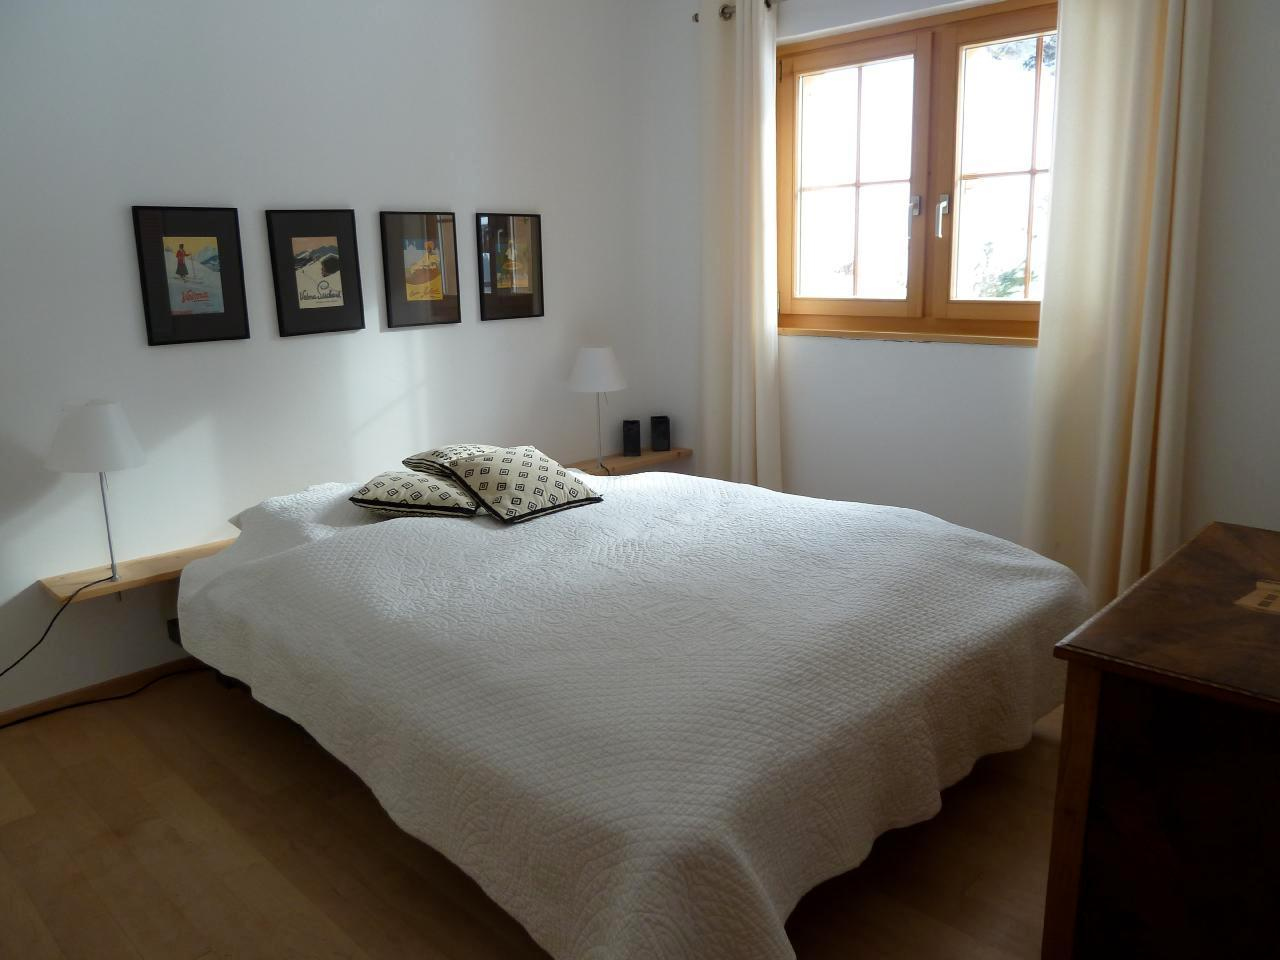 Maison de vacances Chalet Saletscha (503611), Lenzerheide/Lai, Lenzerheide - Valbella, Grisons, Suisse, image 11